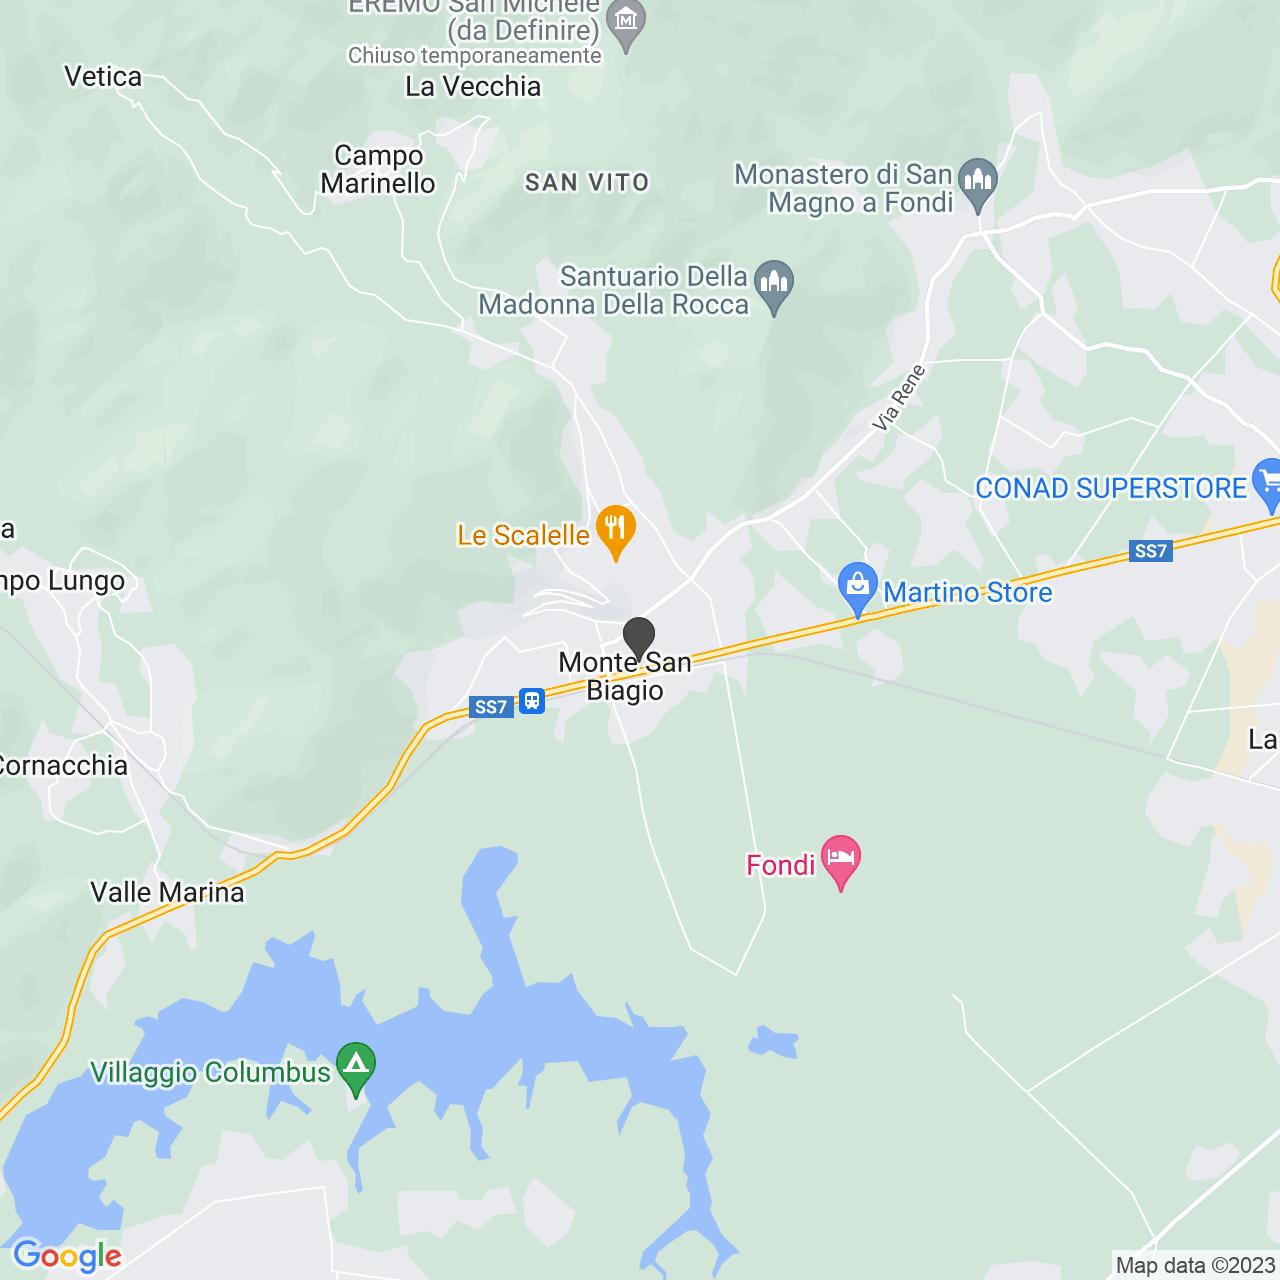 CIMITERO MONTE SAN BIAGIO